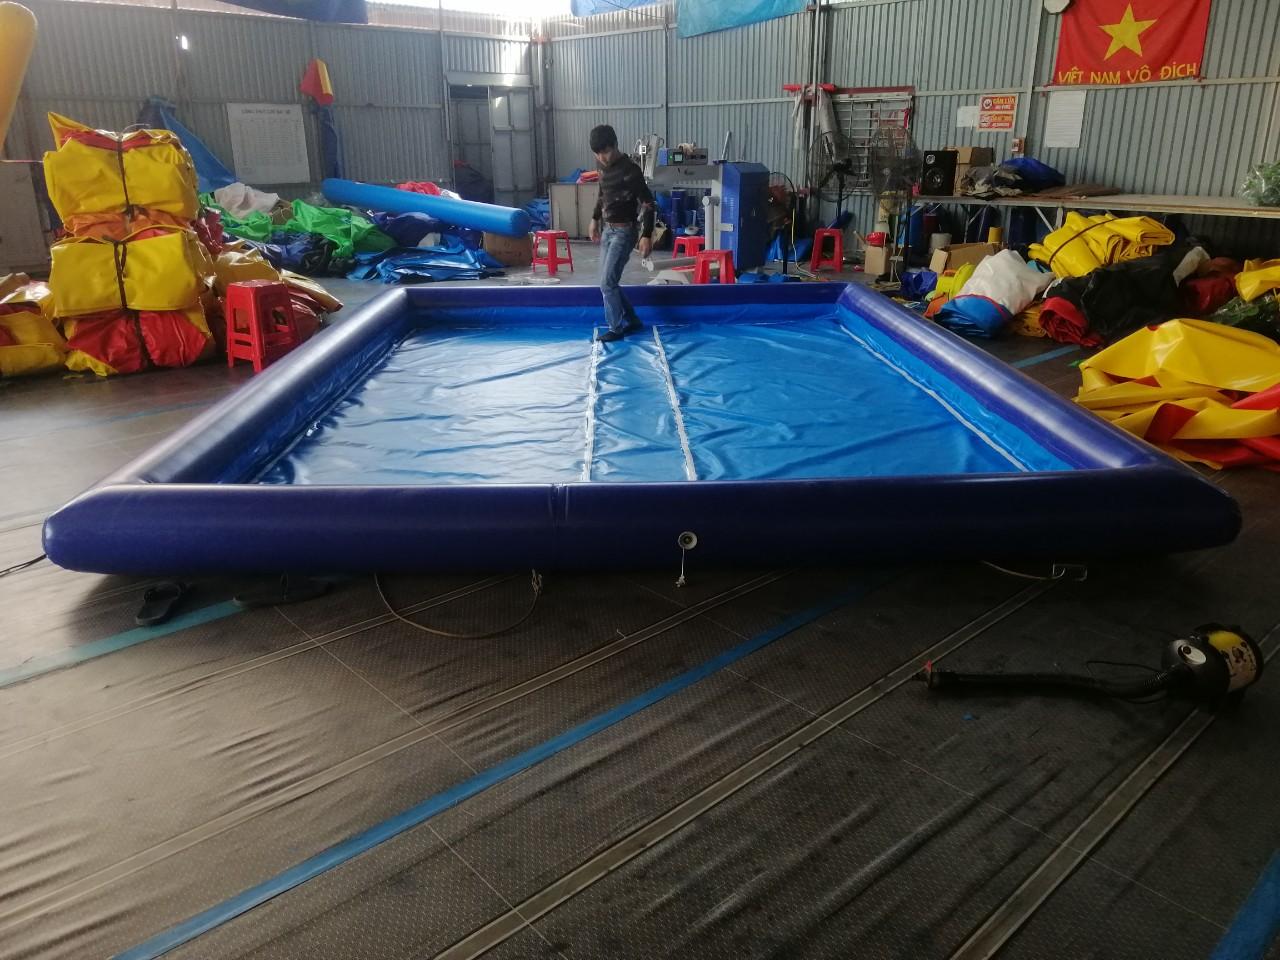 Bể Phao Bơm Hơi Đẹp Cho Bé 4m x 6m x 0,4m